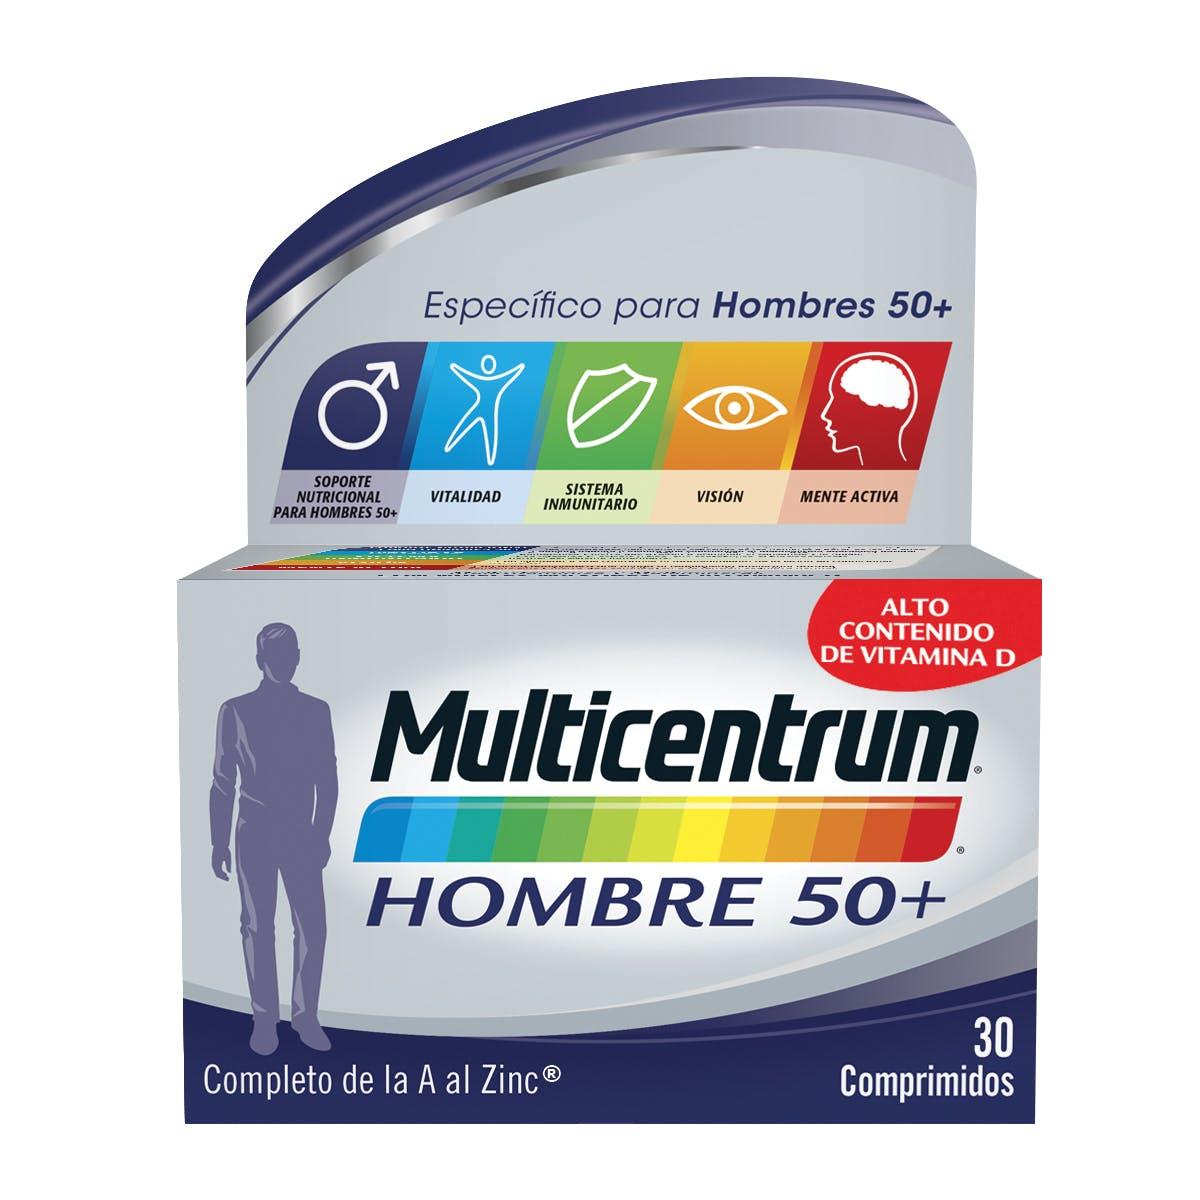 Multivitaminas Hombre 50+ - Multicentrum